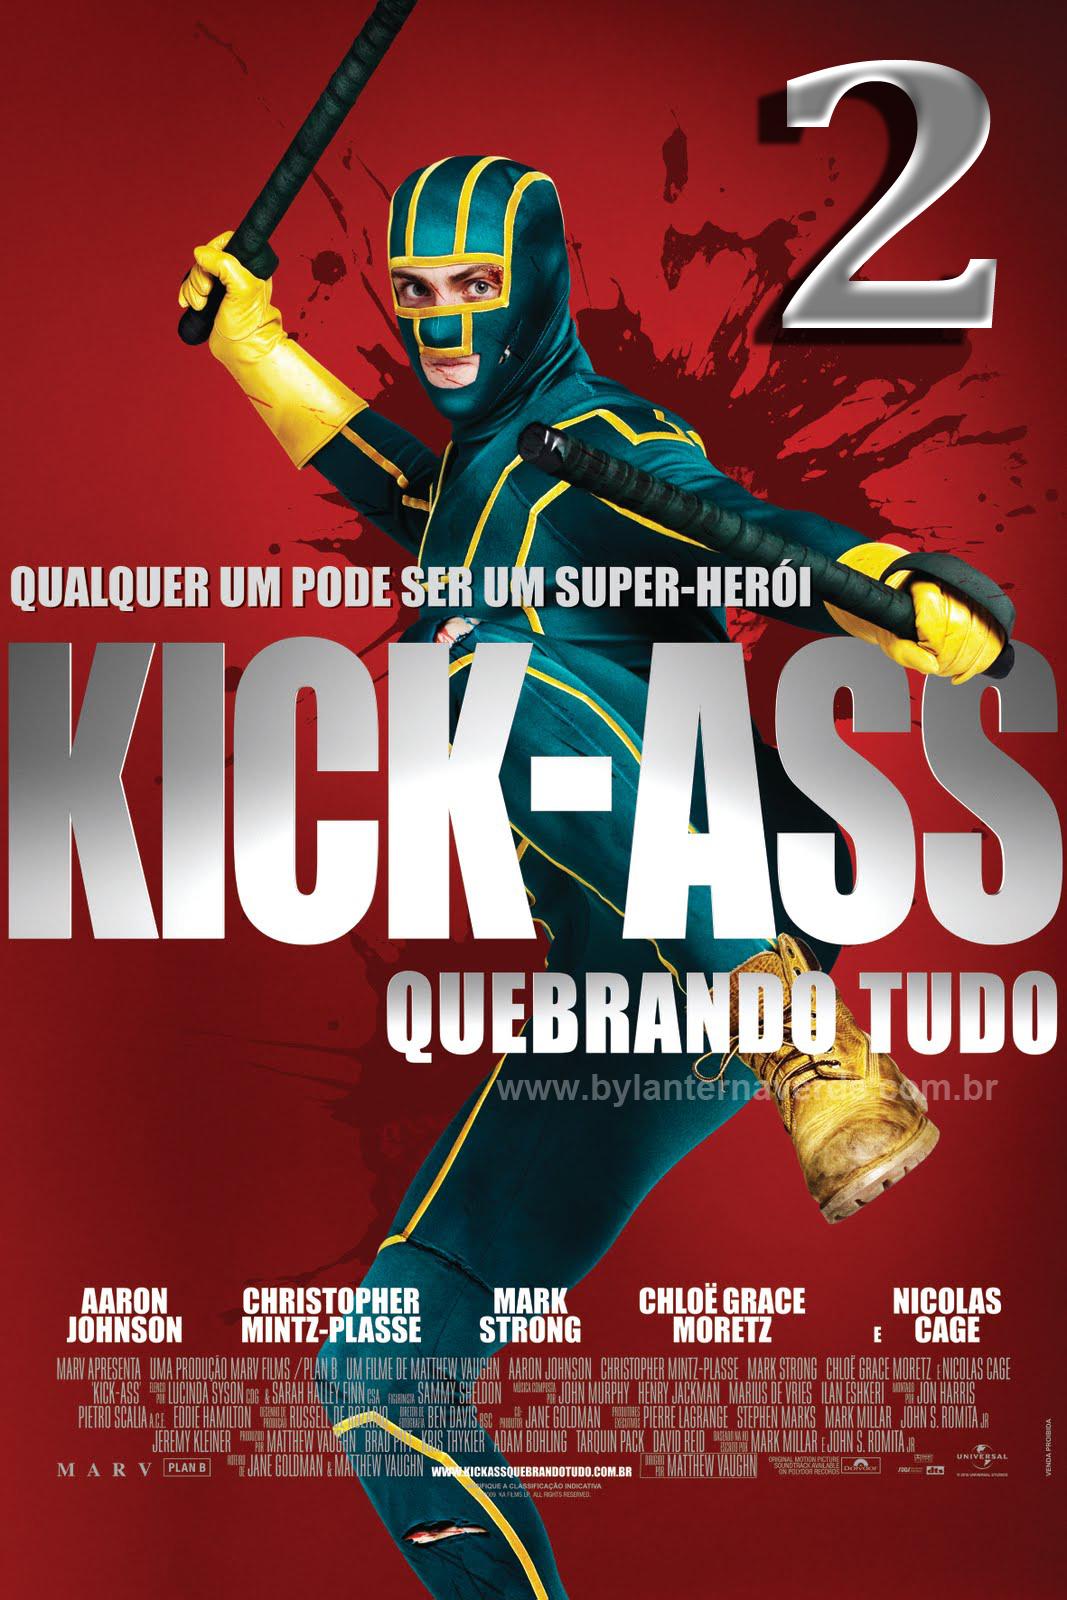 http://1.bp.blogspot.com/-AV7nKtGDVtE/UFy9o2ISc8I/AAAAAAAAvgs/s2PYuTaQFFQ/s1600/Kick-Ass.jpg